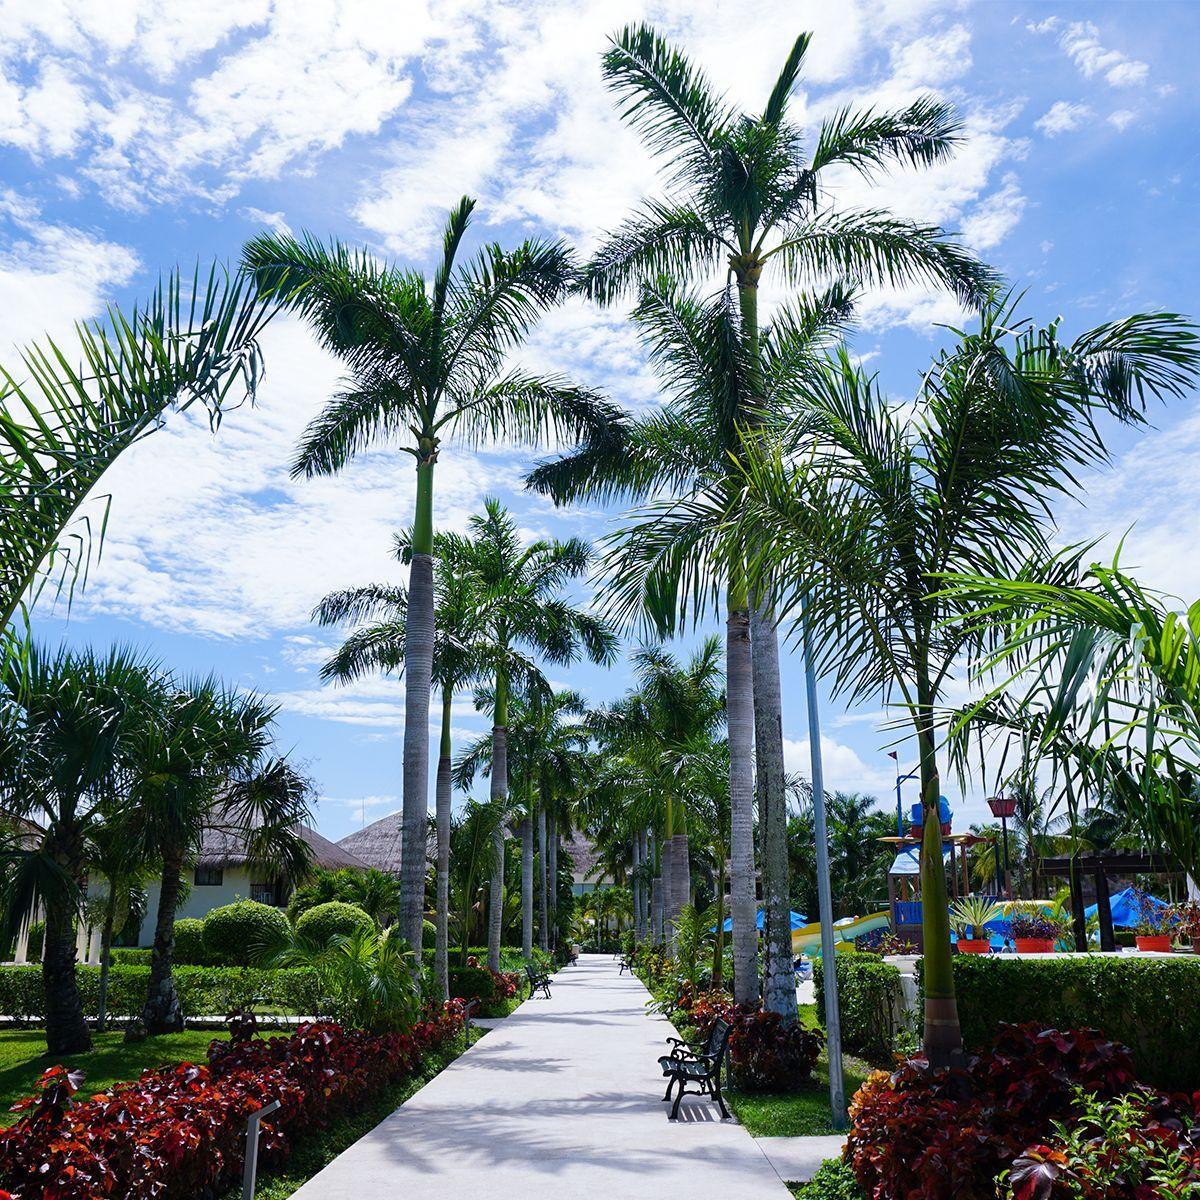 Los mejores sitios que visitar en unas vacaciones en el Caribe: Cozumel